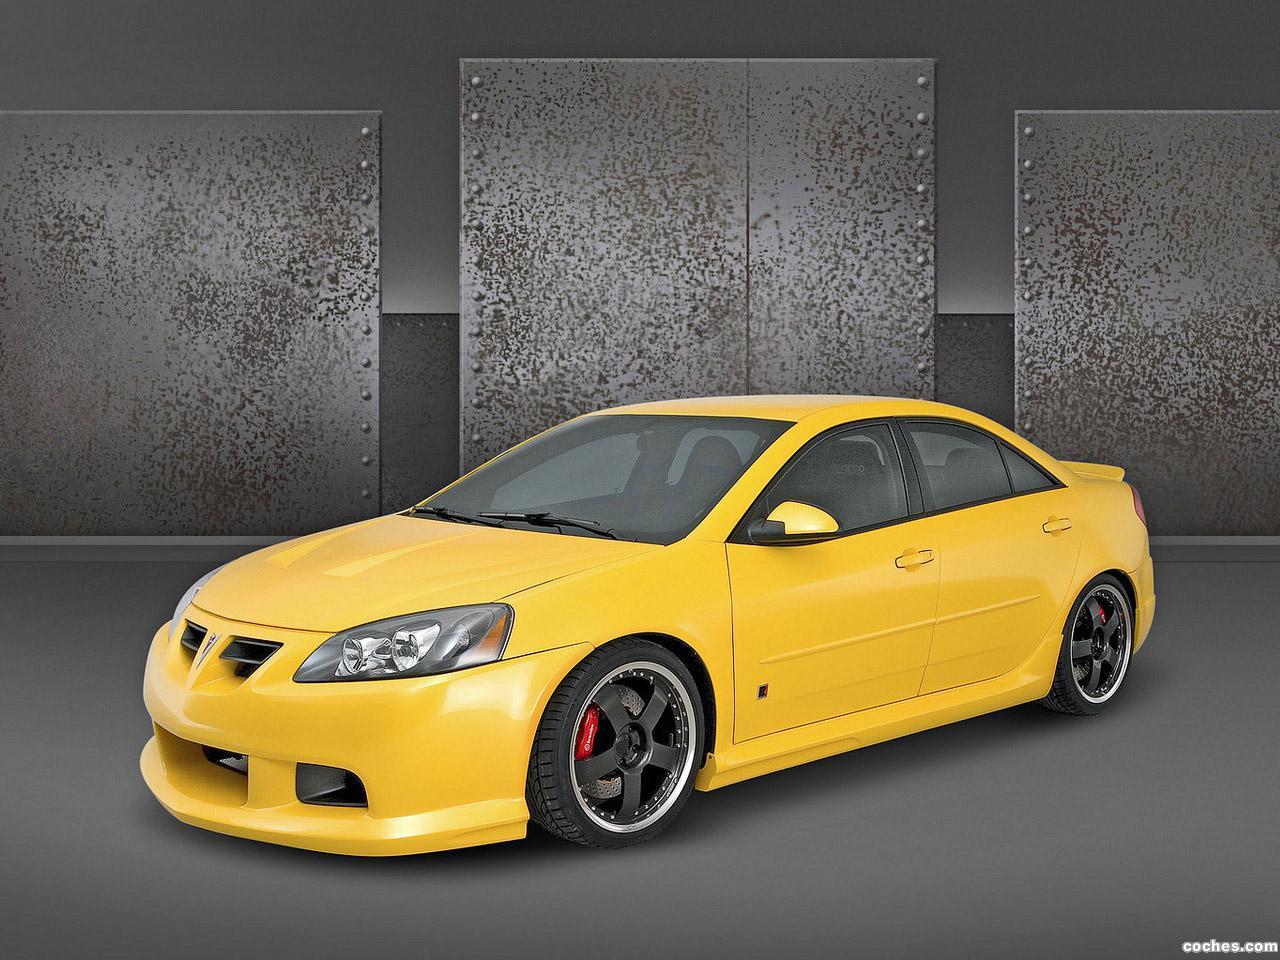 Foto 0 de Roush Pontiac G6 Signature Edition Concept 2005